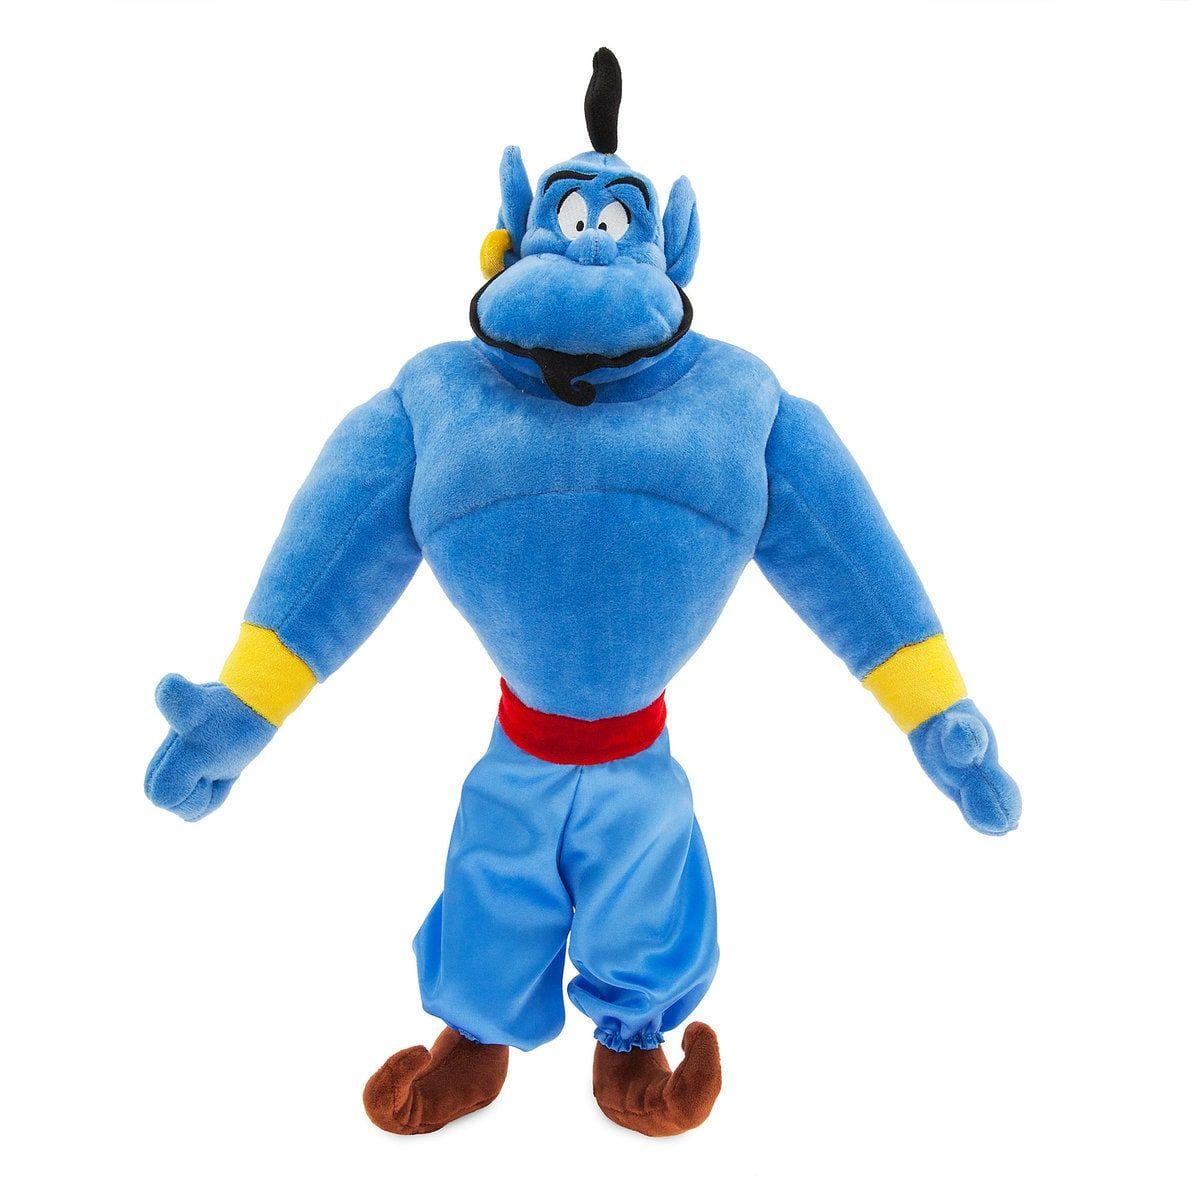 12 Inch Aladdin Disney Abu Plush Small